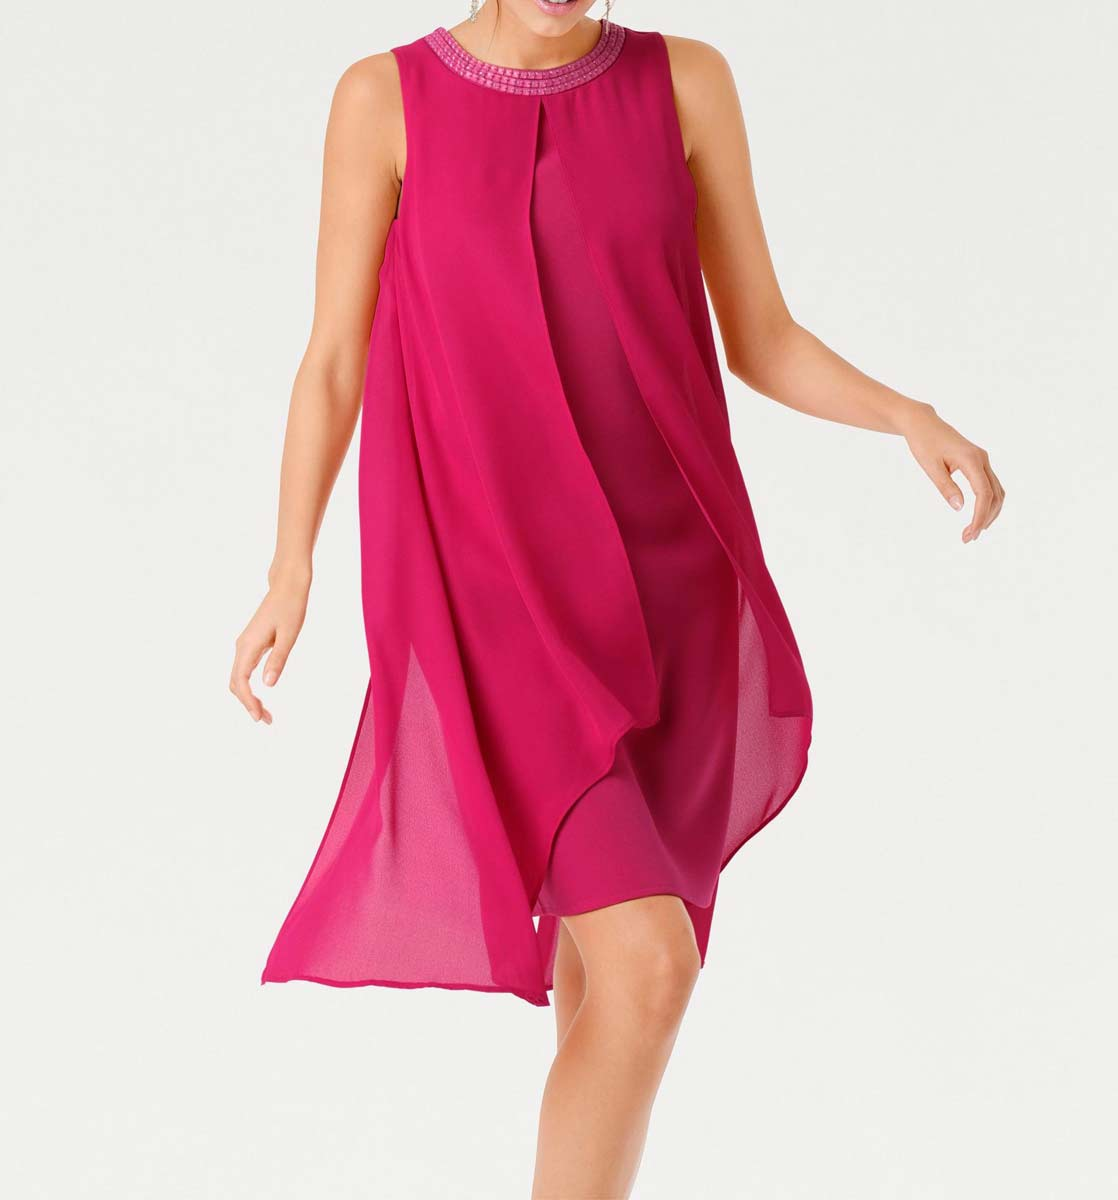 004.767a ASHLEY BROOKE Damen Designer-Cocktailkleid Pink